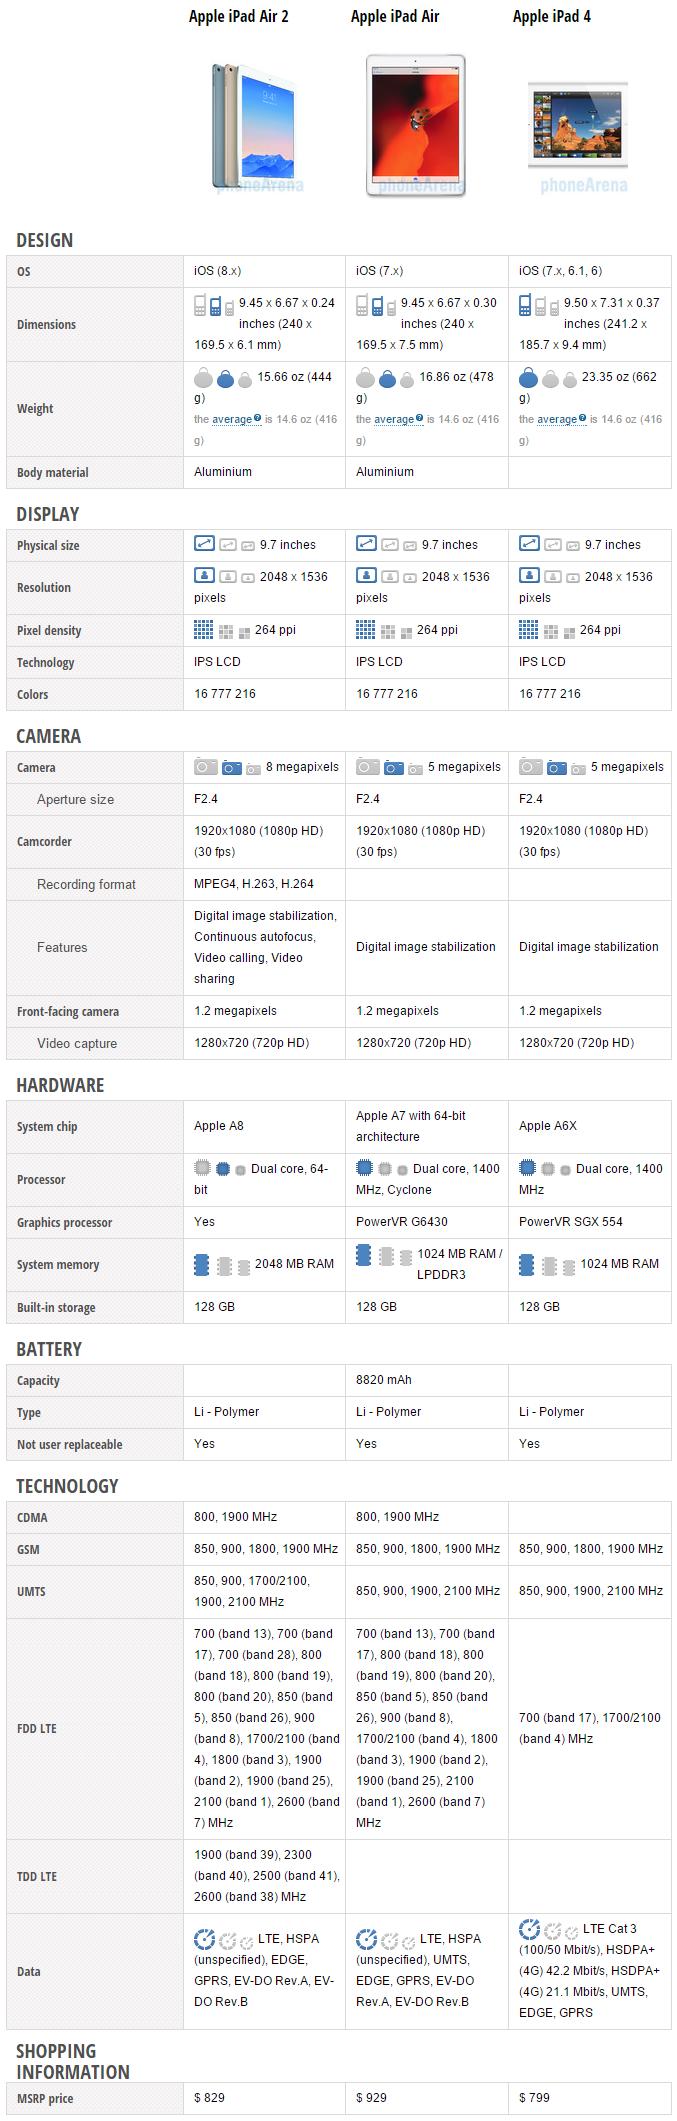 Iphone 5s vs ipad air 2